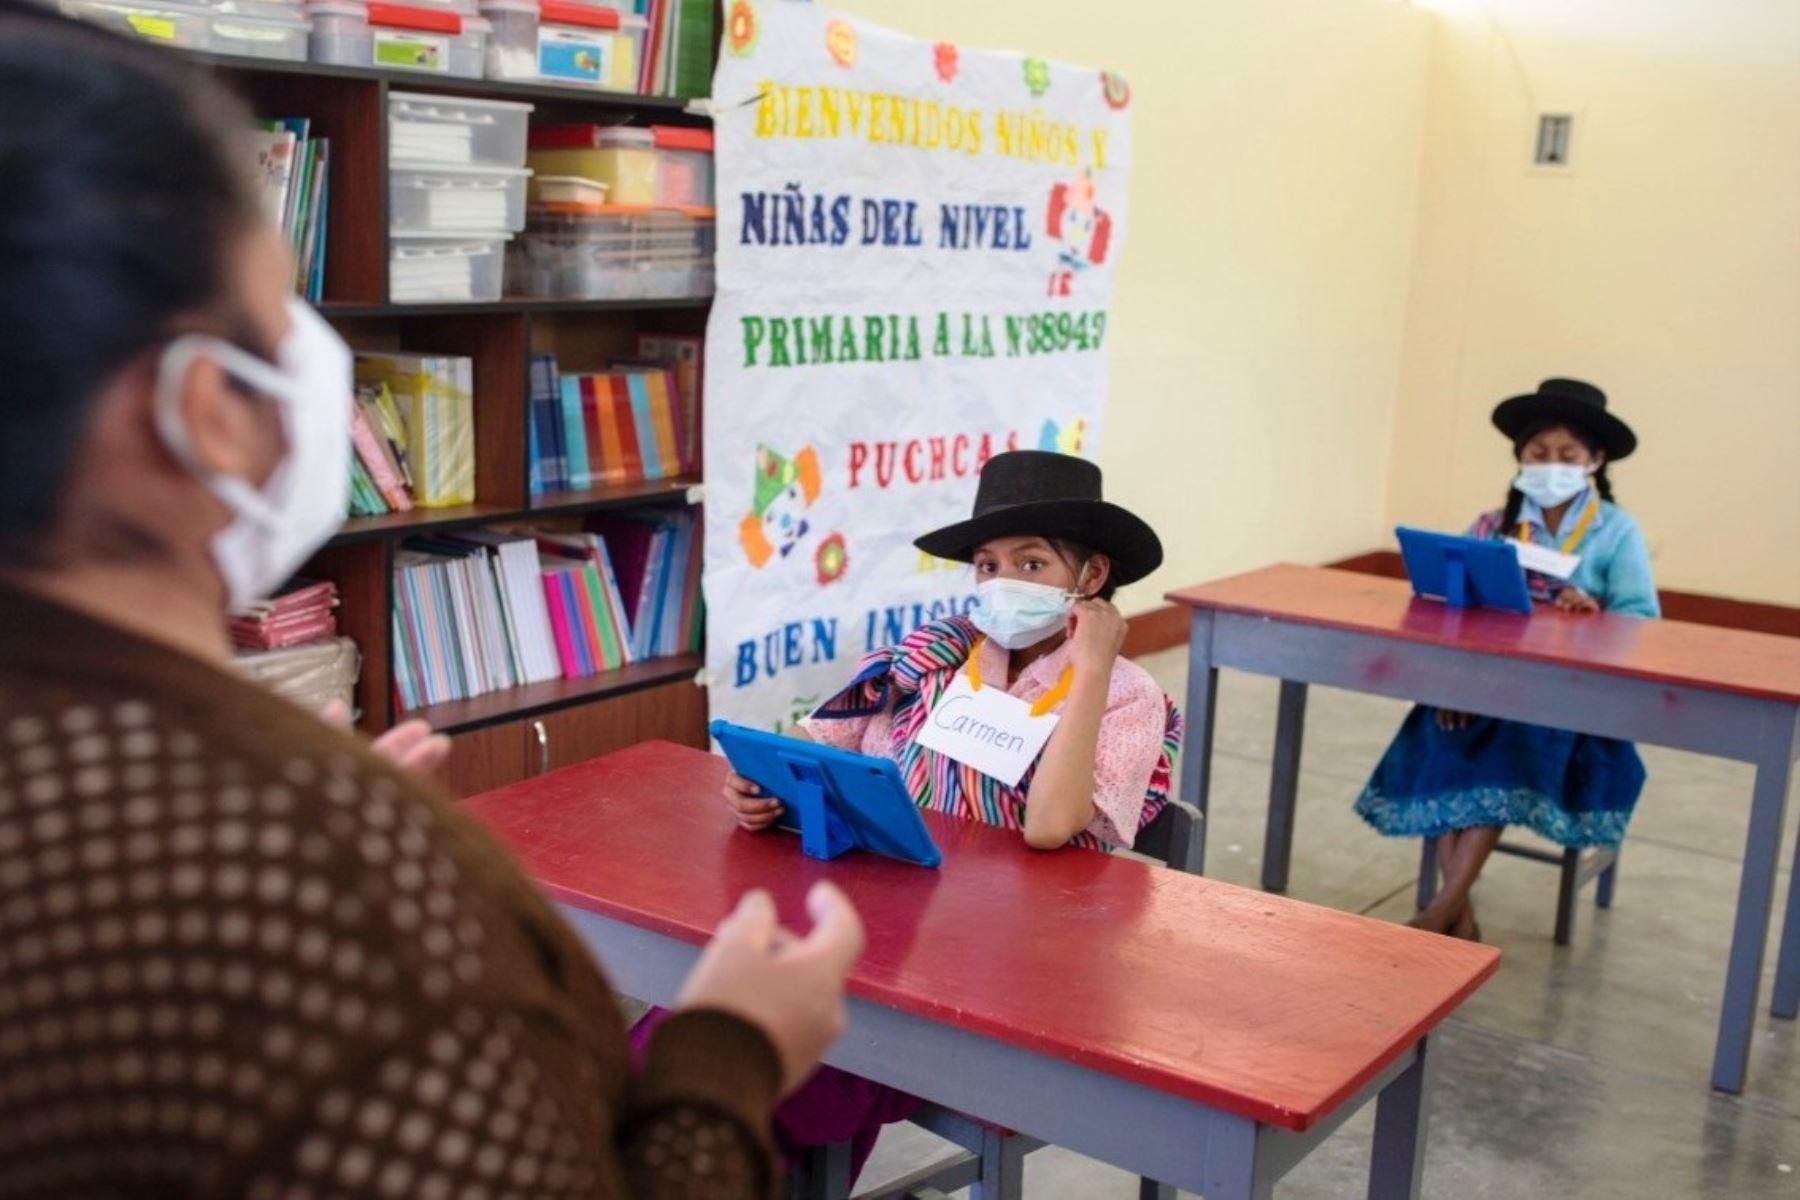 Más de 25,000 colegios se encuentran habilitados para el retorno a clases semipresenciales